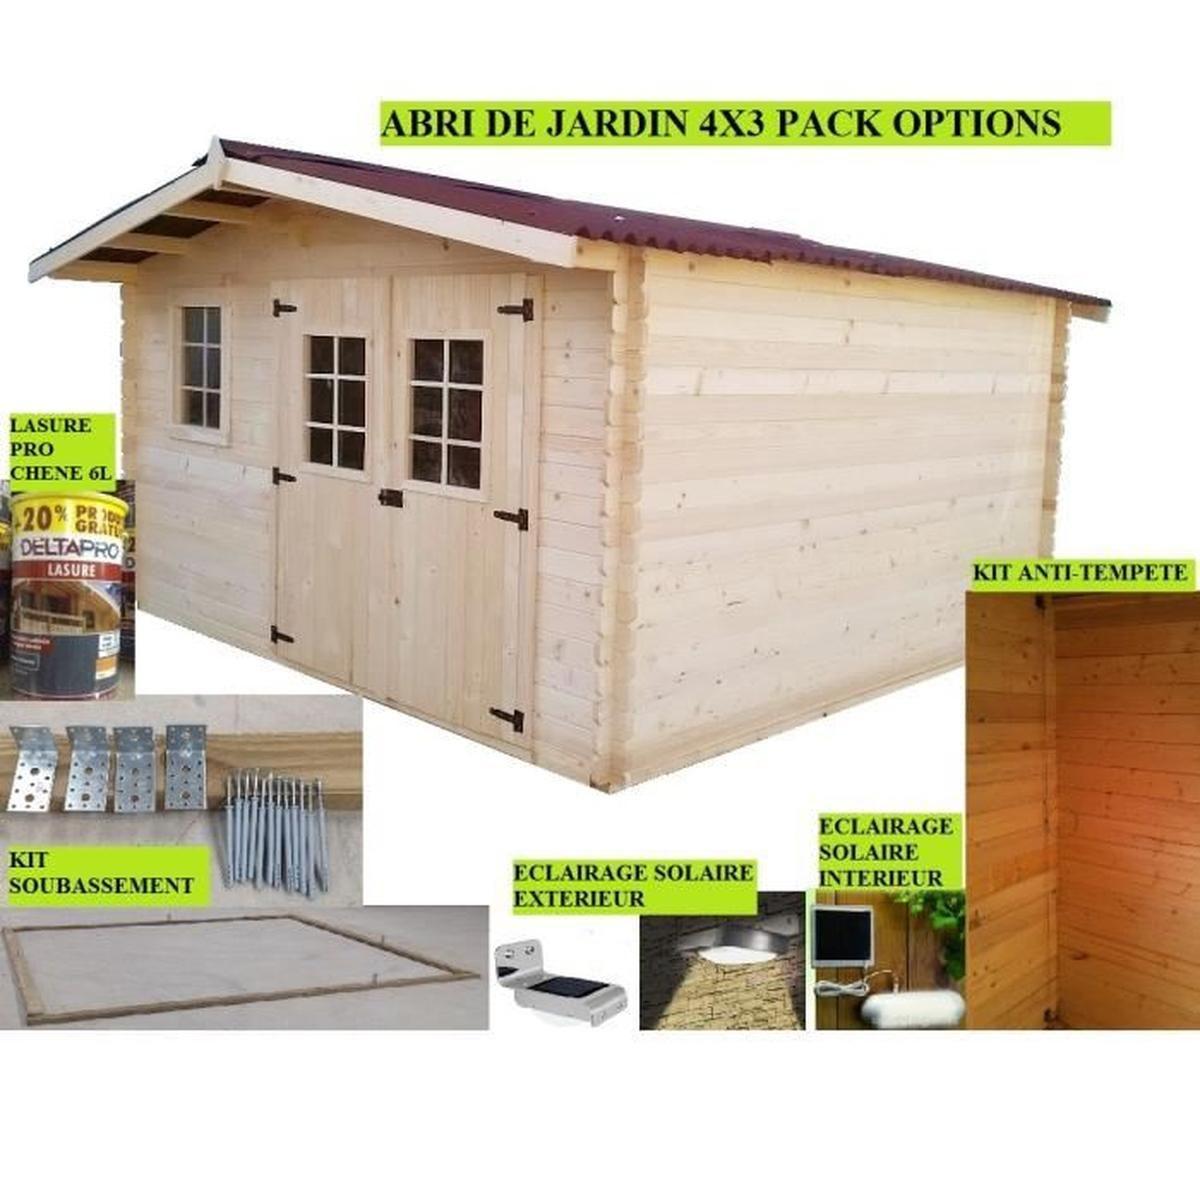 Abri De Jardin 4X3 + Pack Options - Achat / Vente Abri ... dedans Abri De Jardin Prix Discount